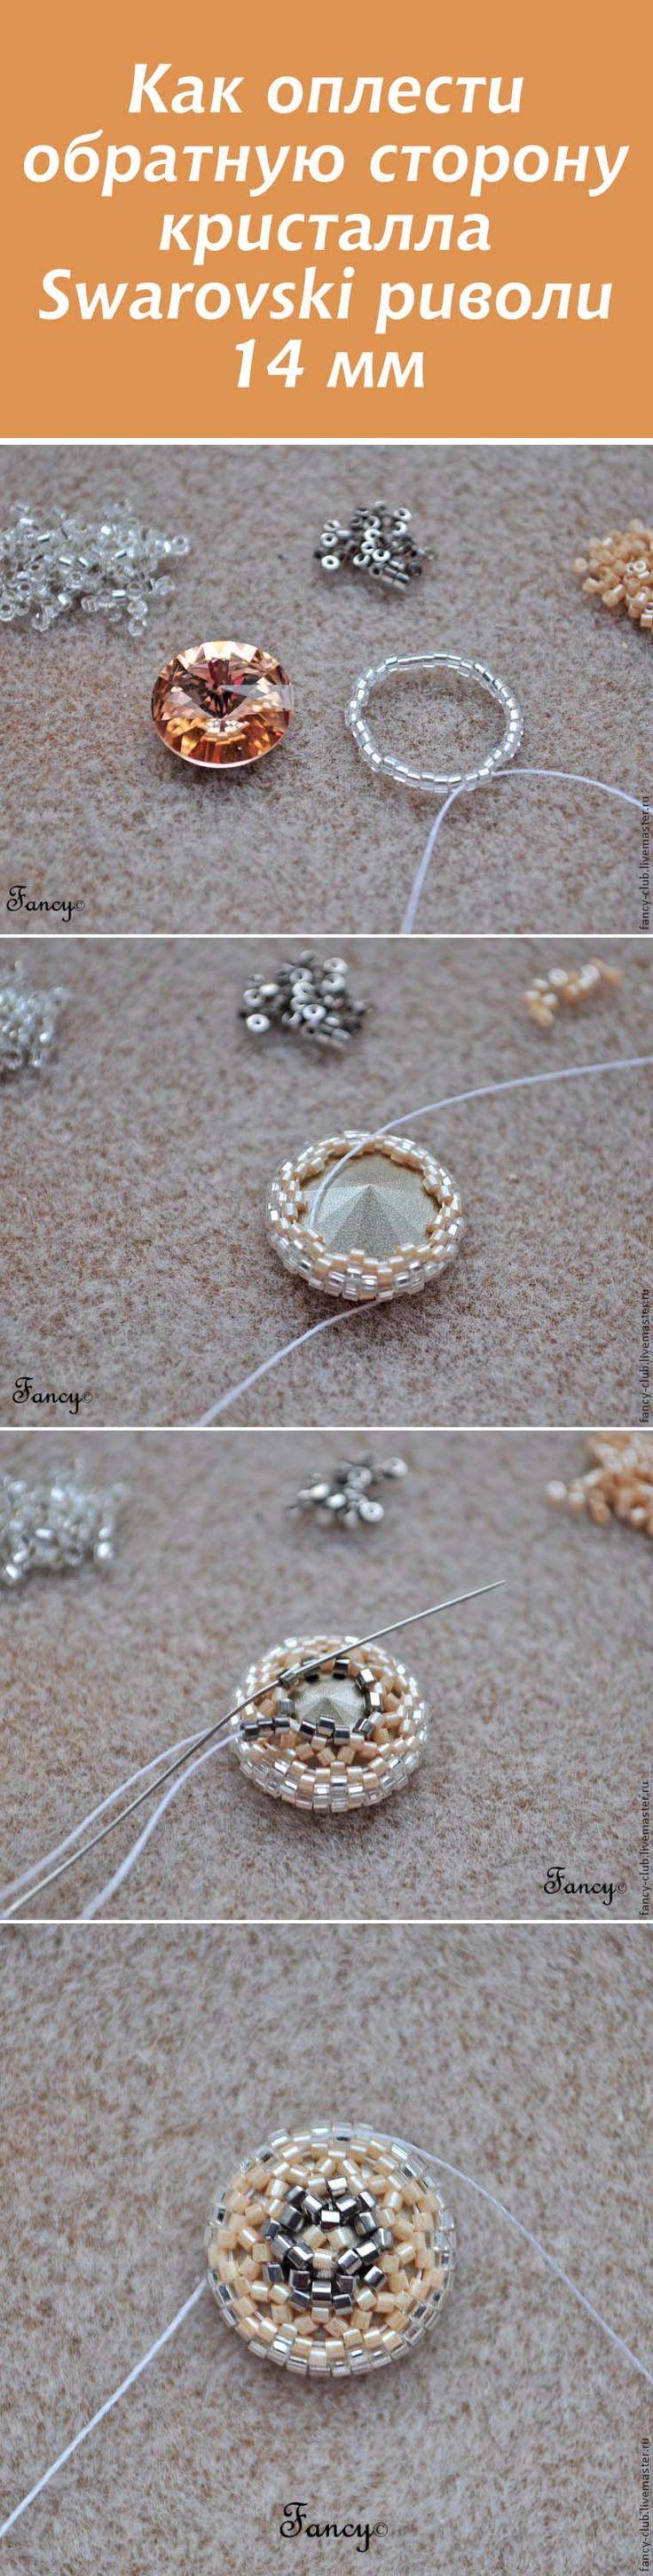 Как красиво оплести бисером обратную сторону кристалла Сваровски риволи 14 мм #bead #beading #diy #tutorial